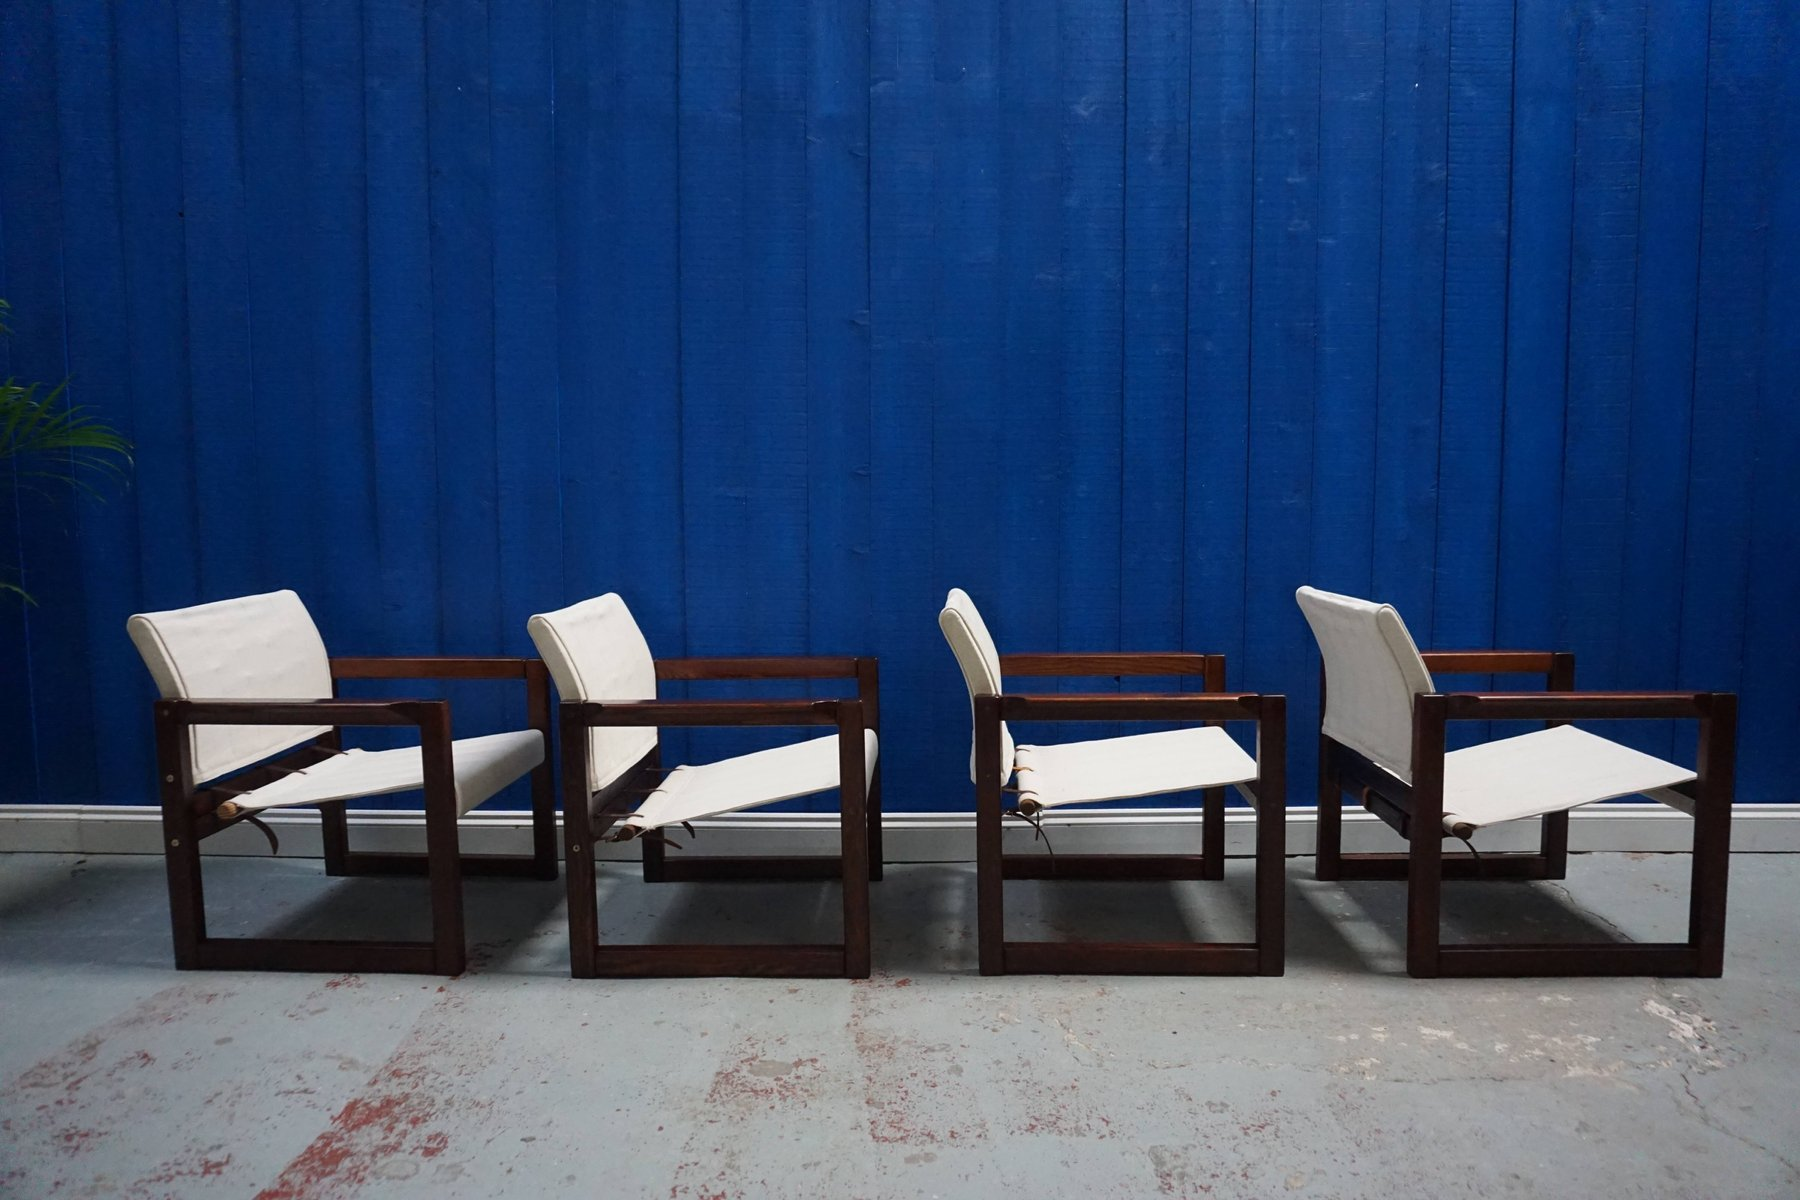 Diana Safari Stühle Aus Leinen Von Karin Mobring Für Ikea